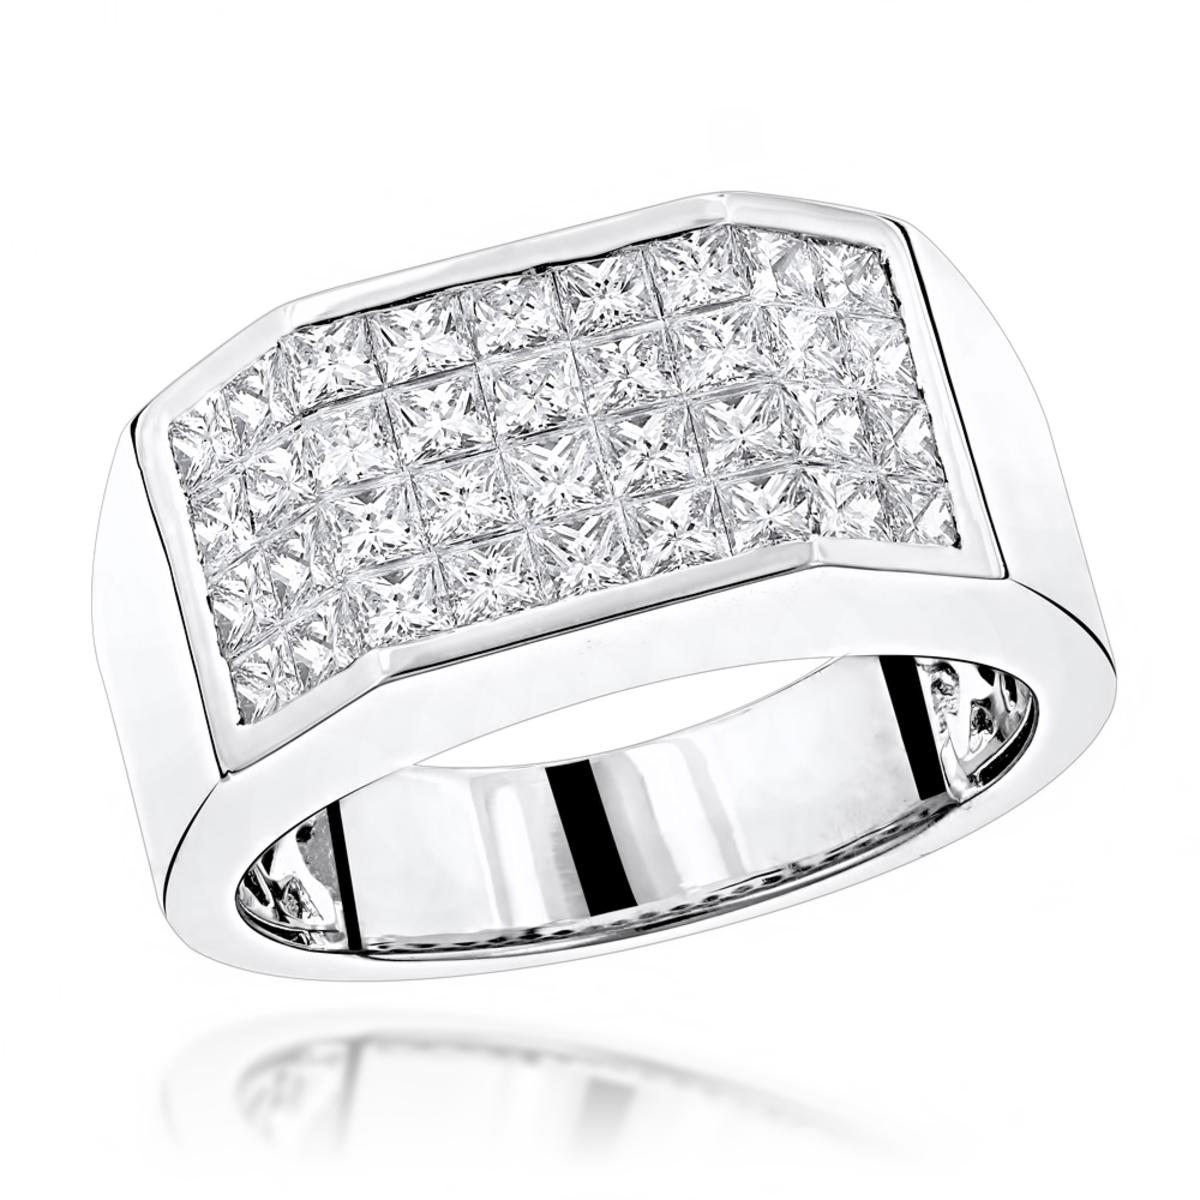 LUXURMAN Rings Unique Platinum Princess Cut Diamond Band for Men 3.25ct